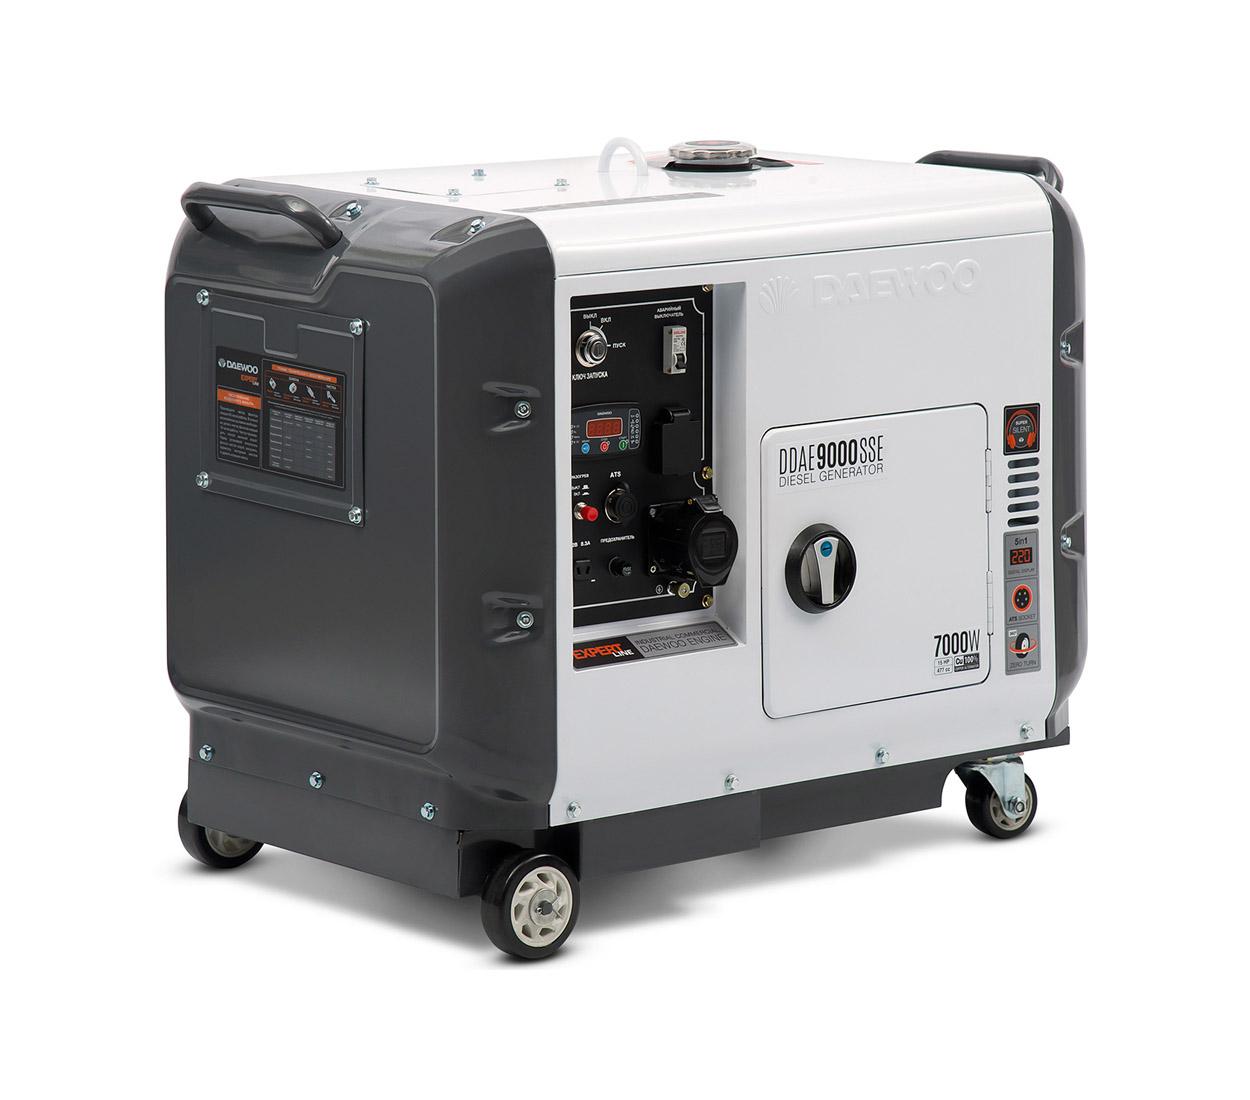 Дизельный генератор (электростанция) DAEWOO DDAE 9000SSE